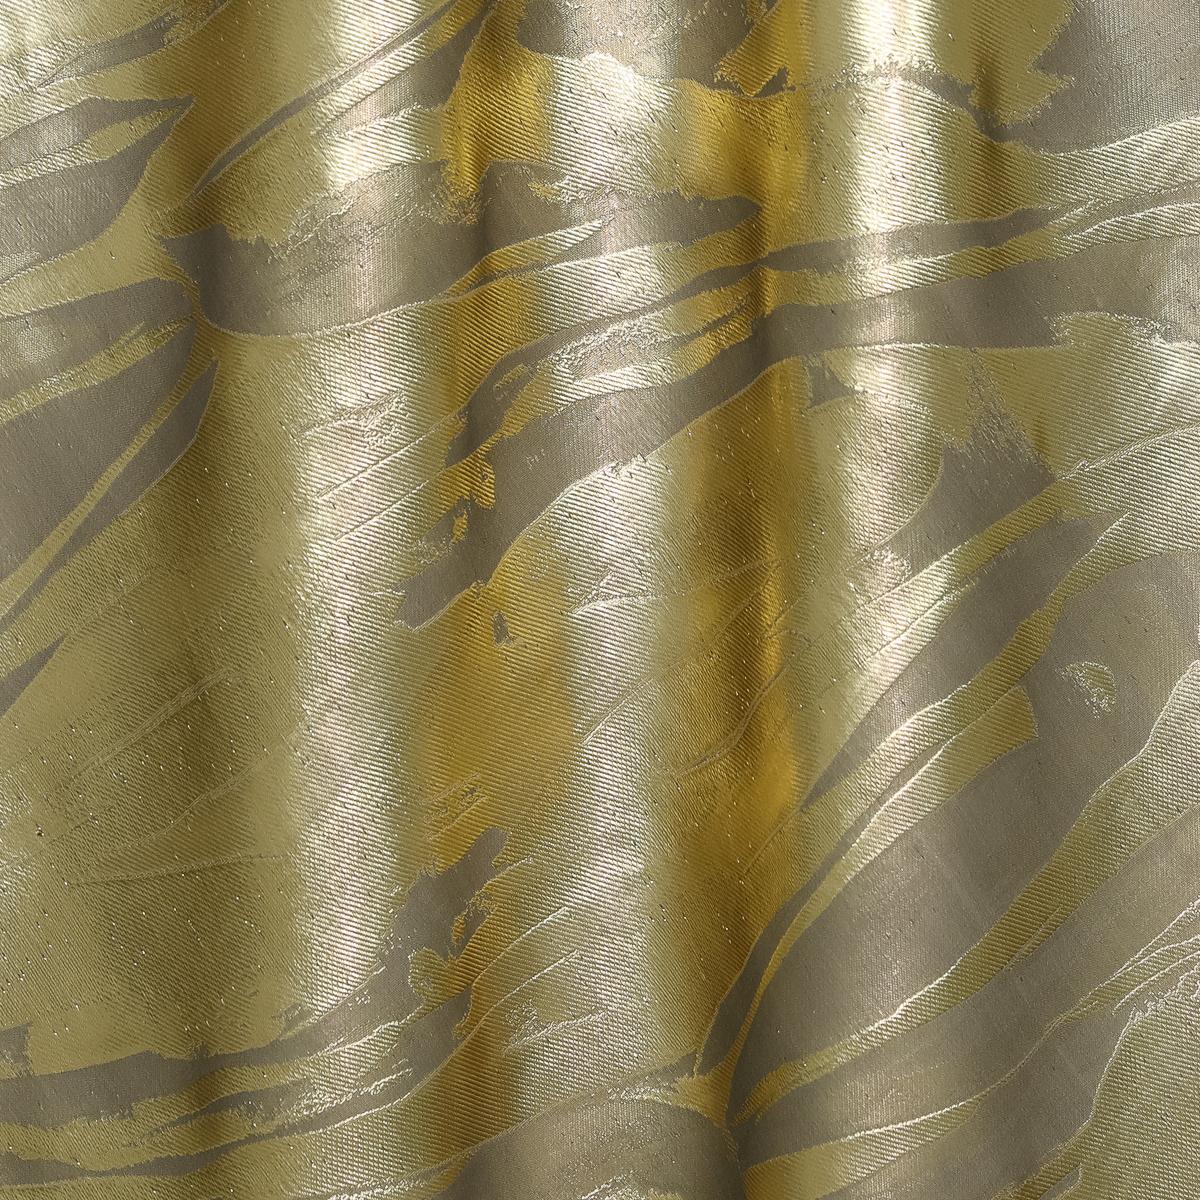 Плательный шёлковый жаккард серо-жемчужное золото